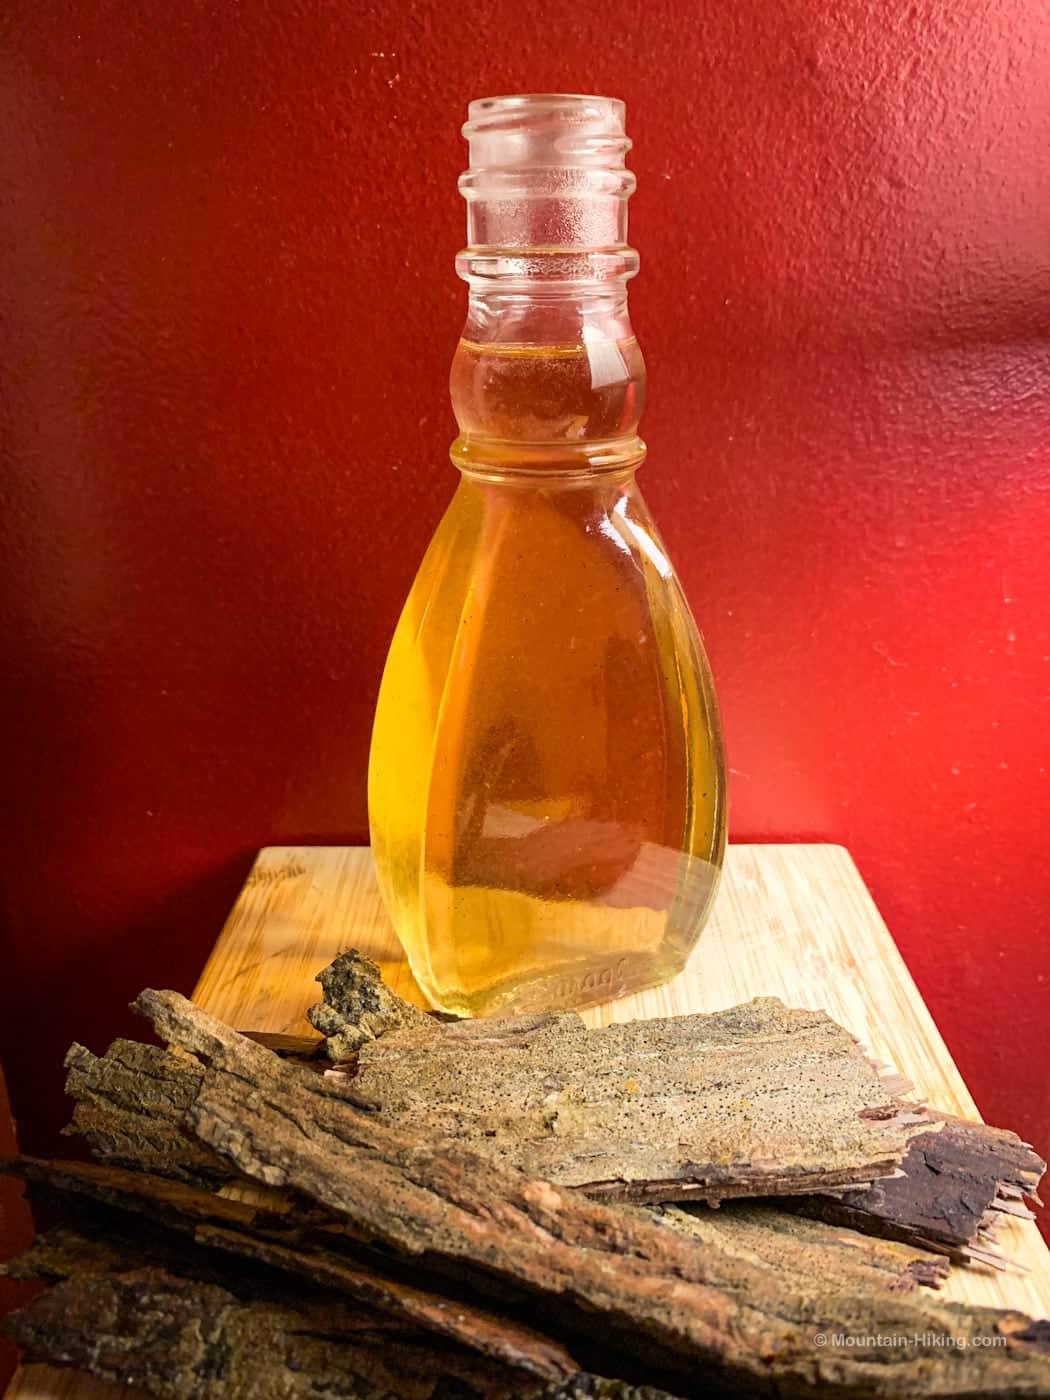 bottled shagbark hickory syrup